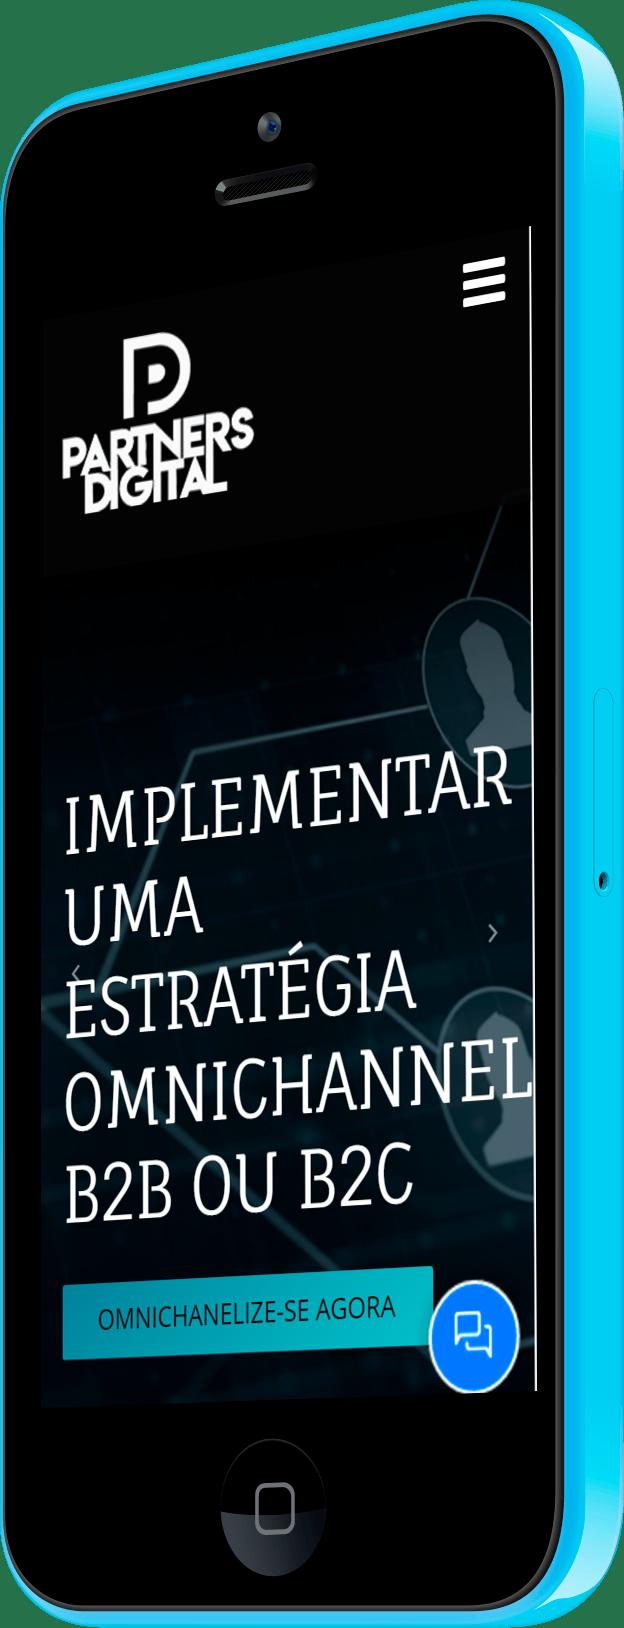 Imagem do portfólio Partners Digital Portugal – WordPress